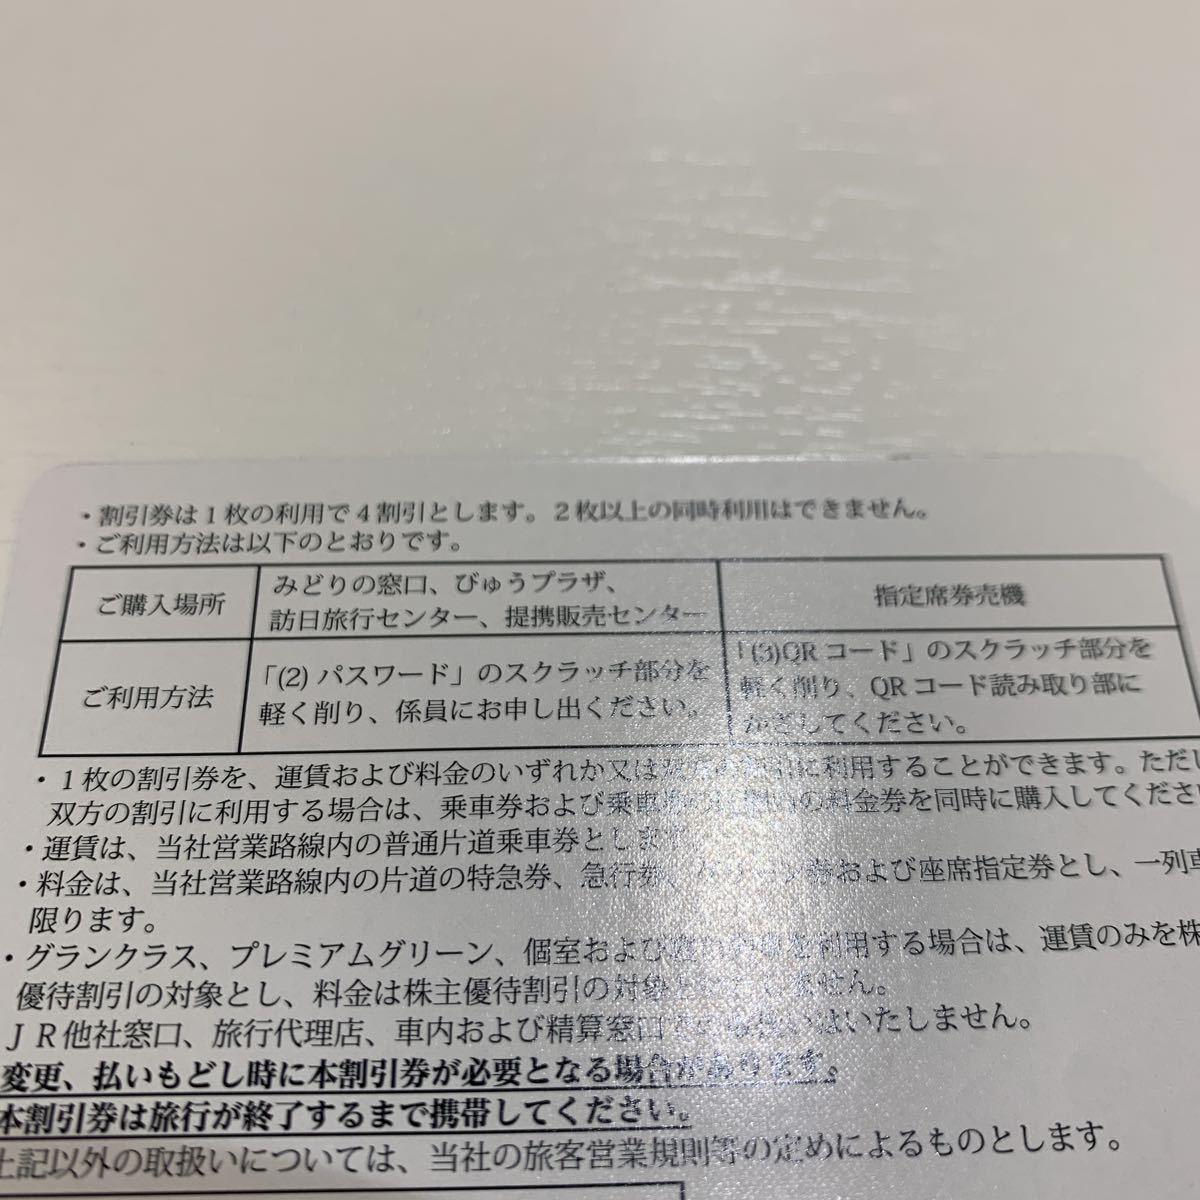 JR東日本 株主優待割引券 有効期限2022年5月31日まで 株主優待_画像3